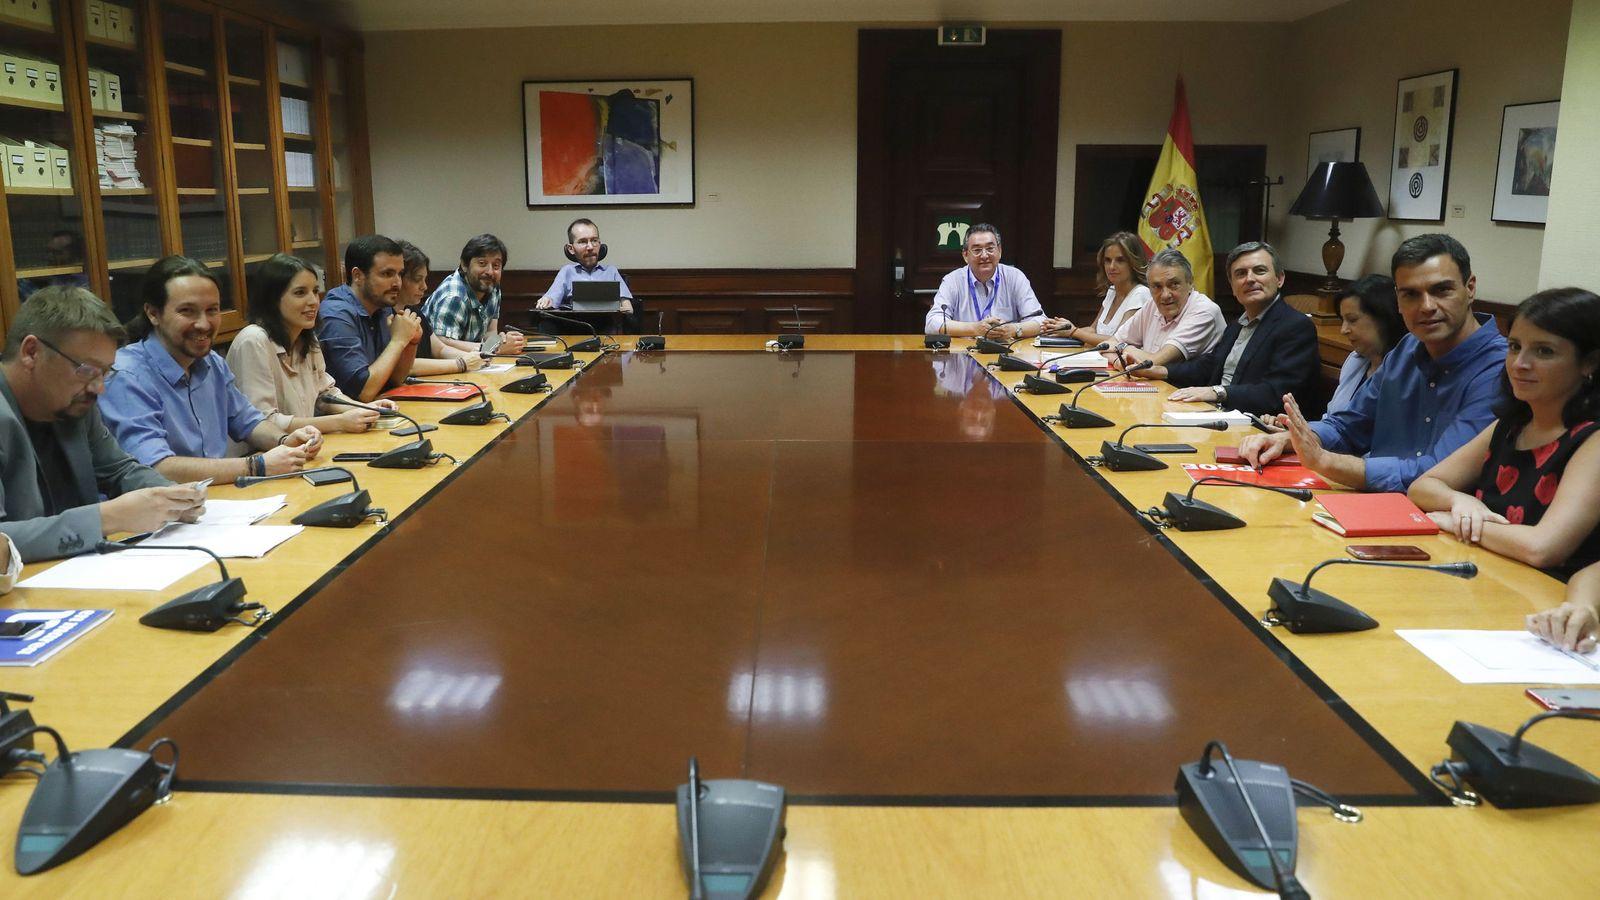 Foto: Pablo Iglesias y Pedro Sánchez con sus delegaciones, durante el encuentro que mantuvieron Unidos Podemos y PSOE este 17 de julio en el Congreso. (EFE)